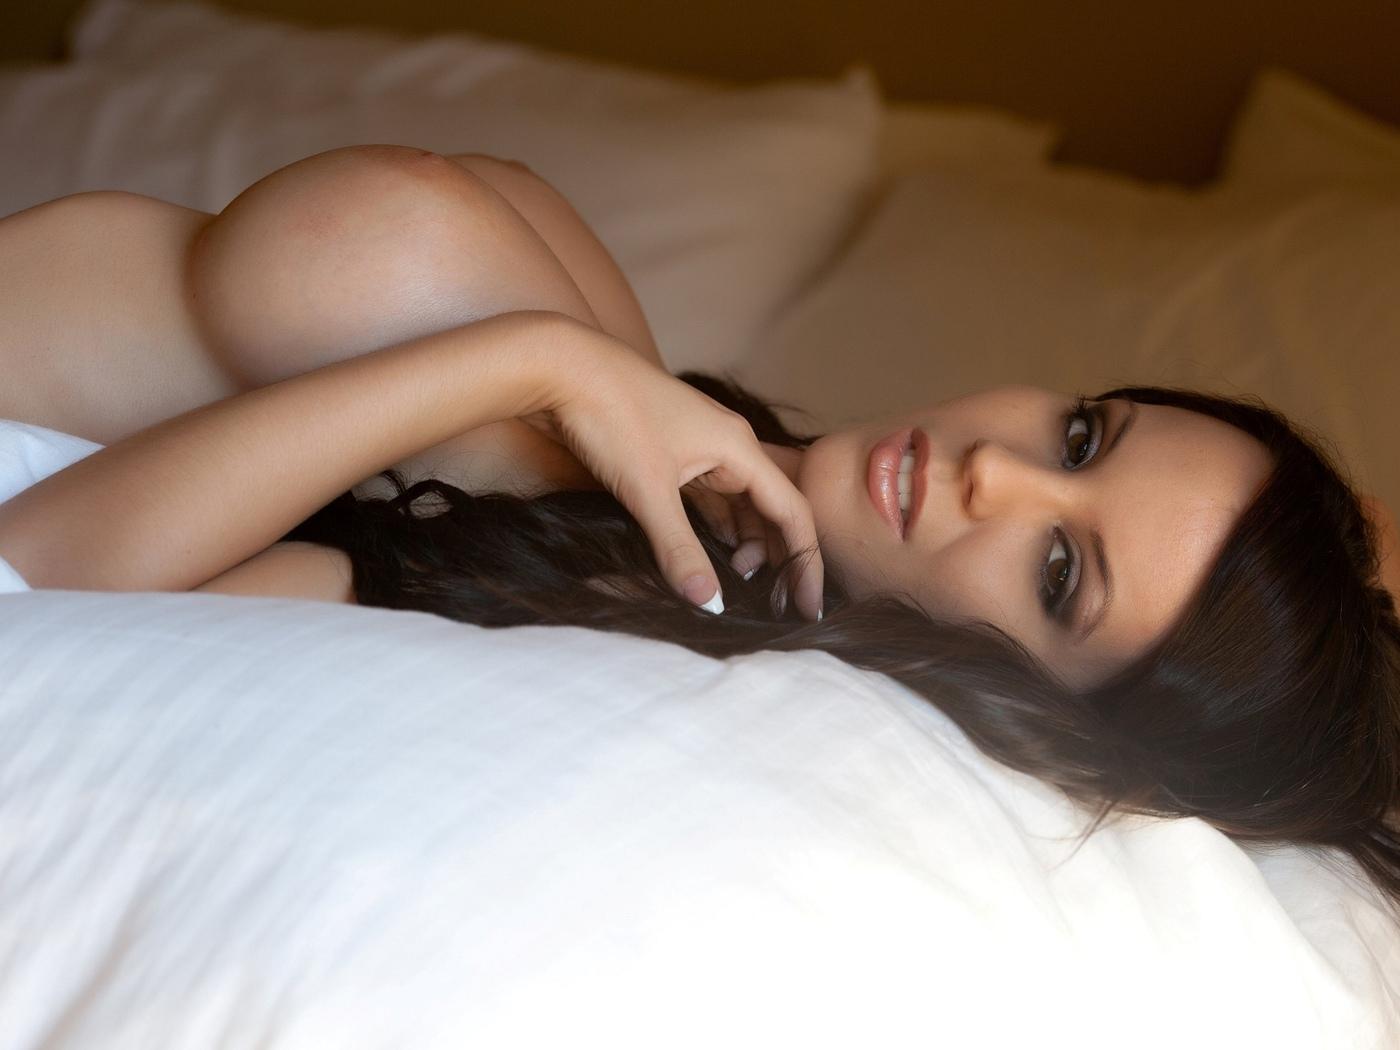 брюнетка, большие сиськи, большая грудь, удивительные, сексуальные, красивые, большие сиськи, красота, черные волосы, красивые, грудастые детка, эротика